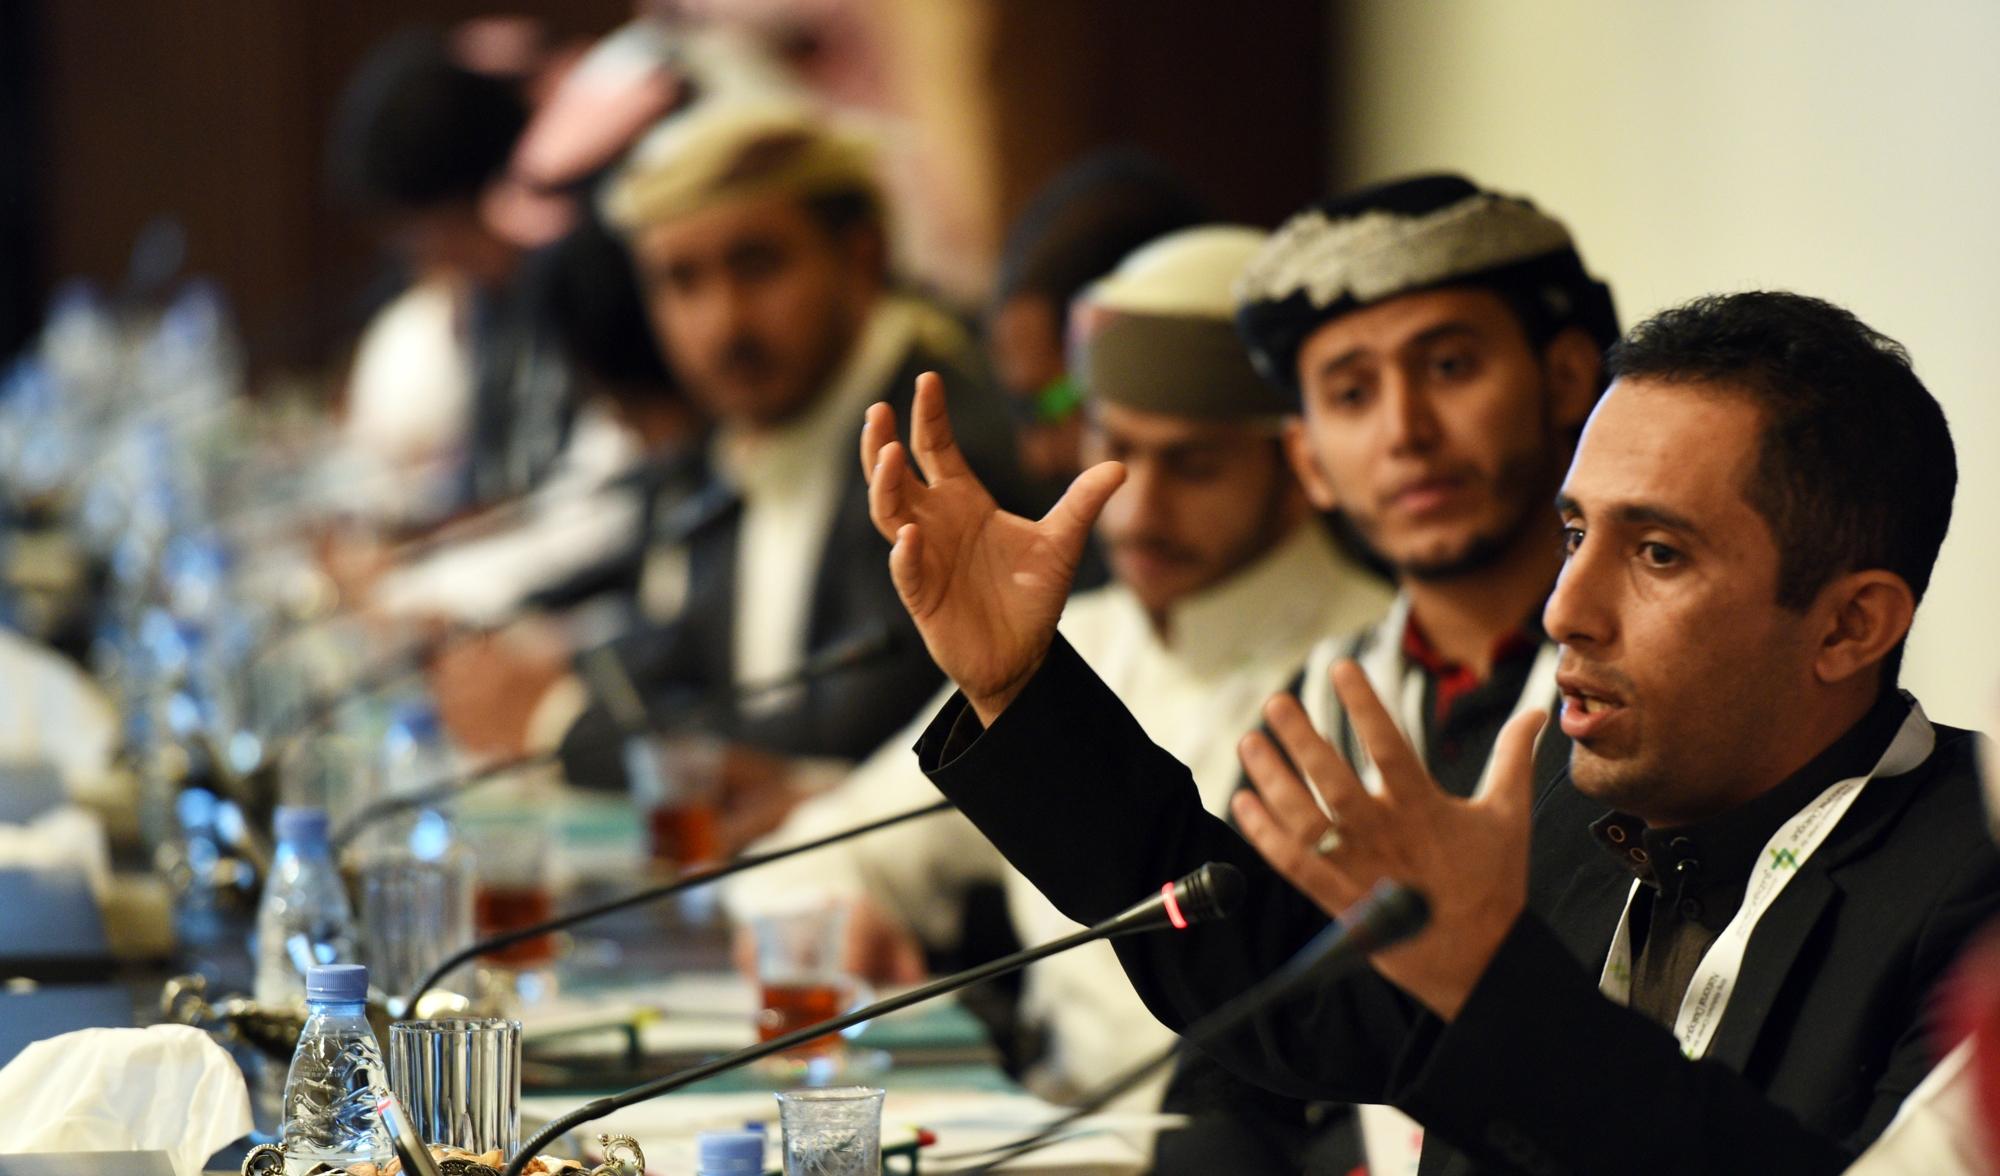 روابط التبادل الثقافي والحضاري بين الشباب السعودي واليمني (2)